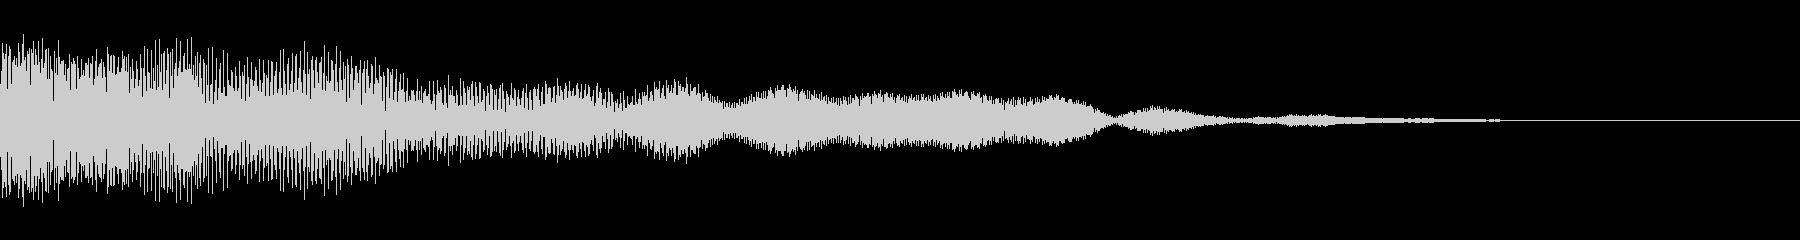 ビープ音色16の未再生の波形